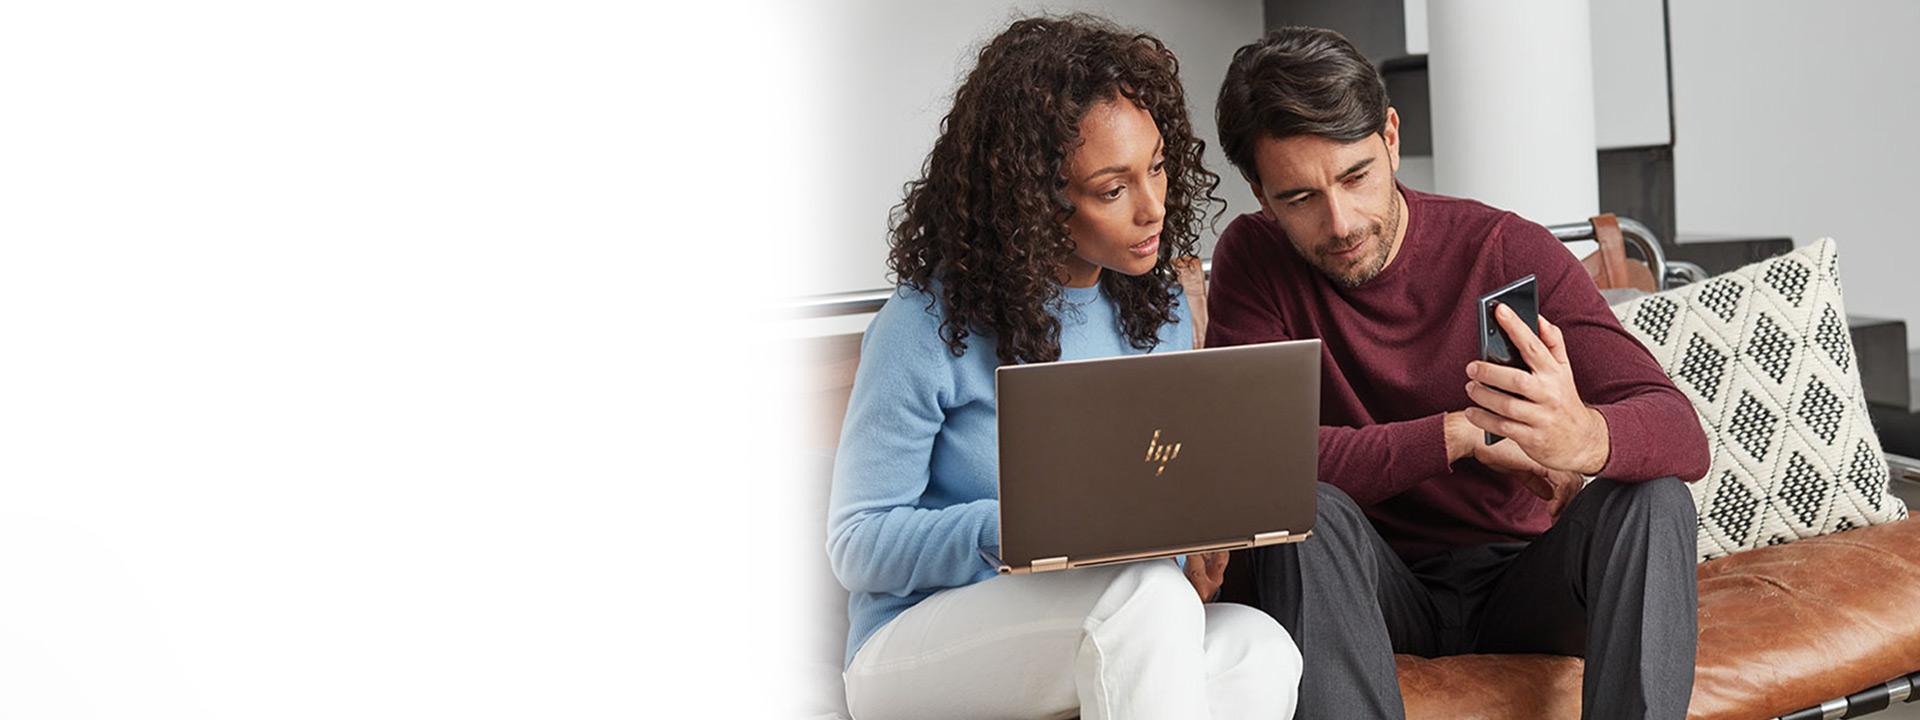 Žena a muž sediaci na gauči sa spoločne pozerajú na notebook a mobilné zariadenie s Windowsom 10